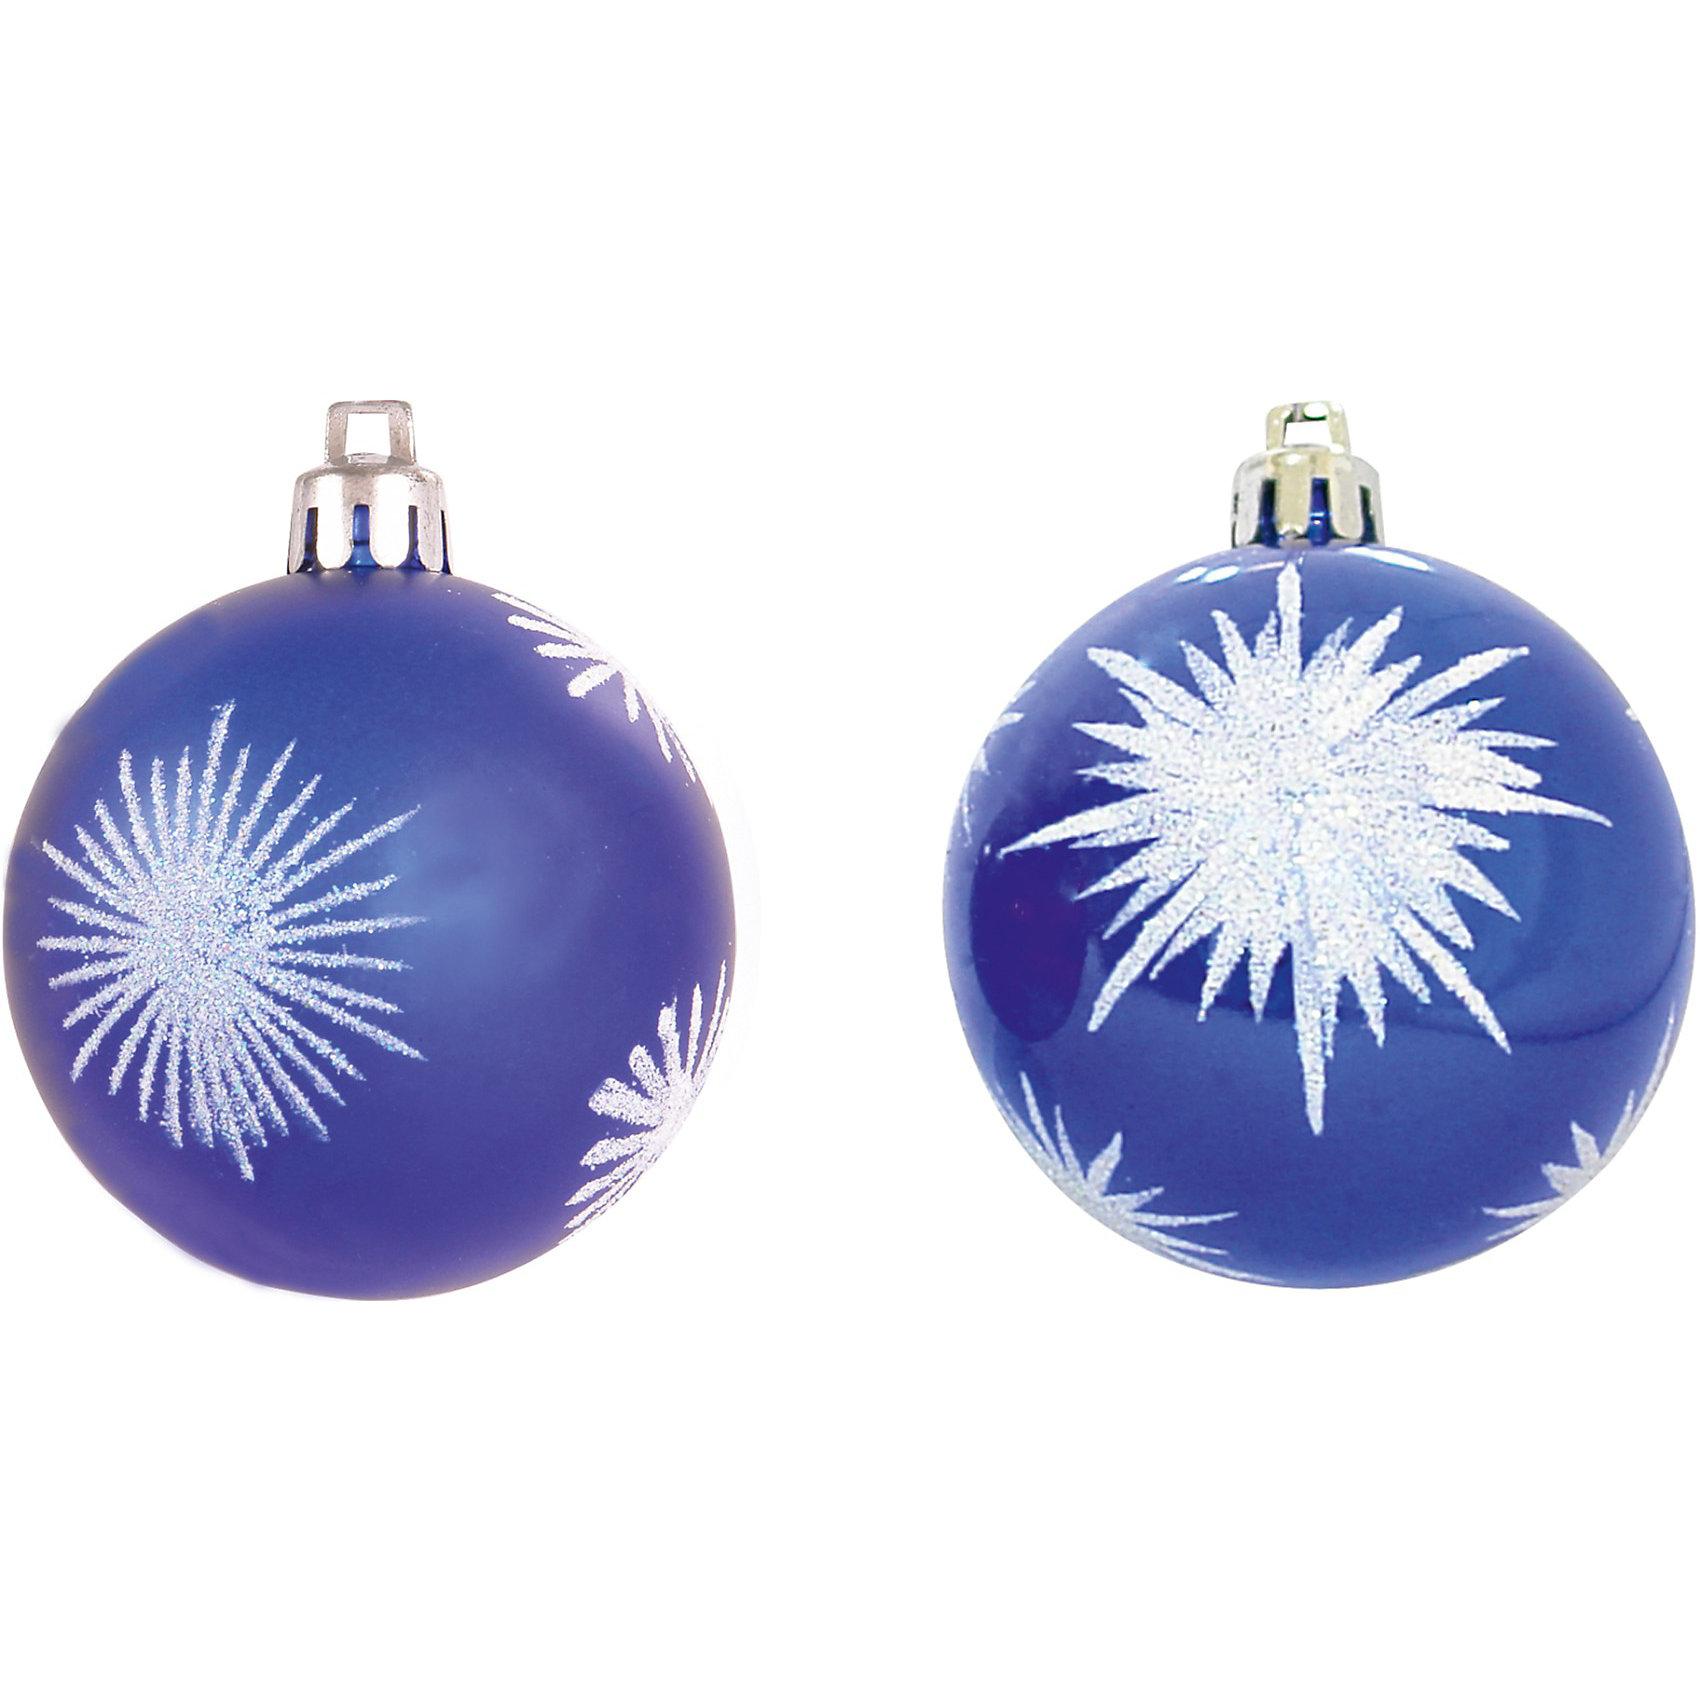 Шары с рисунком, 6 см, 6 шт., цвет - синийВсё для праздника<br>Шары с рисунком, Волшебная страна станут замечательным украшением для Вашей новогодней елки и помогут создать праздничную волшебную атмосферу. В комплекте шесть<br>синих шаров, украшенных снежинками, они будут чудесно смотреться на елке и радовать детей и взрослых. Шары упакованы в прозрачную коробочку из ПВХ.<br><br>Дополнительная информация:<br><br>- Цвет: синий.<br>- В комплекте: 6 шт.<br>- Диаметр шара: 6 см.<br>- Размер упаковки: 17,7 x 6 x 11,7 см.<br>- Вес: 87 гр.<br><br>Шары с рисунком, Волшебная страна, можно купить в нашем интернет-магазине.<br><br>Ширина мм: 370<br>Глубина мм: 60<br>Высота мм: 120<br>Вес г: 87<br>Возраст от месяцев: 60<br>Возраст до месяцев: 180<br>Пол: Унисекс<br>Возраст: Детский<br>SKU: 3791383